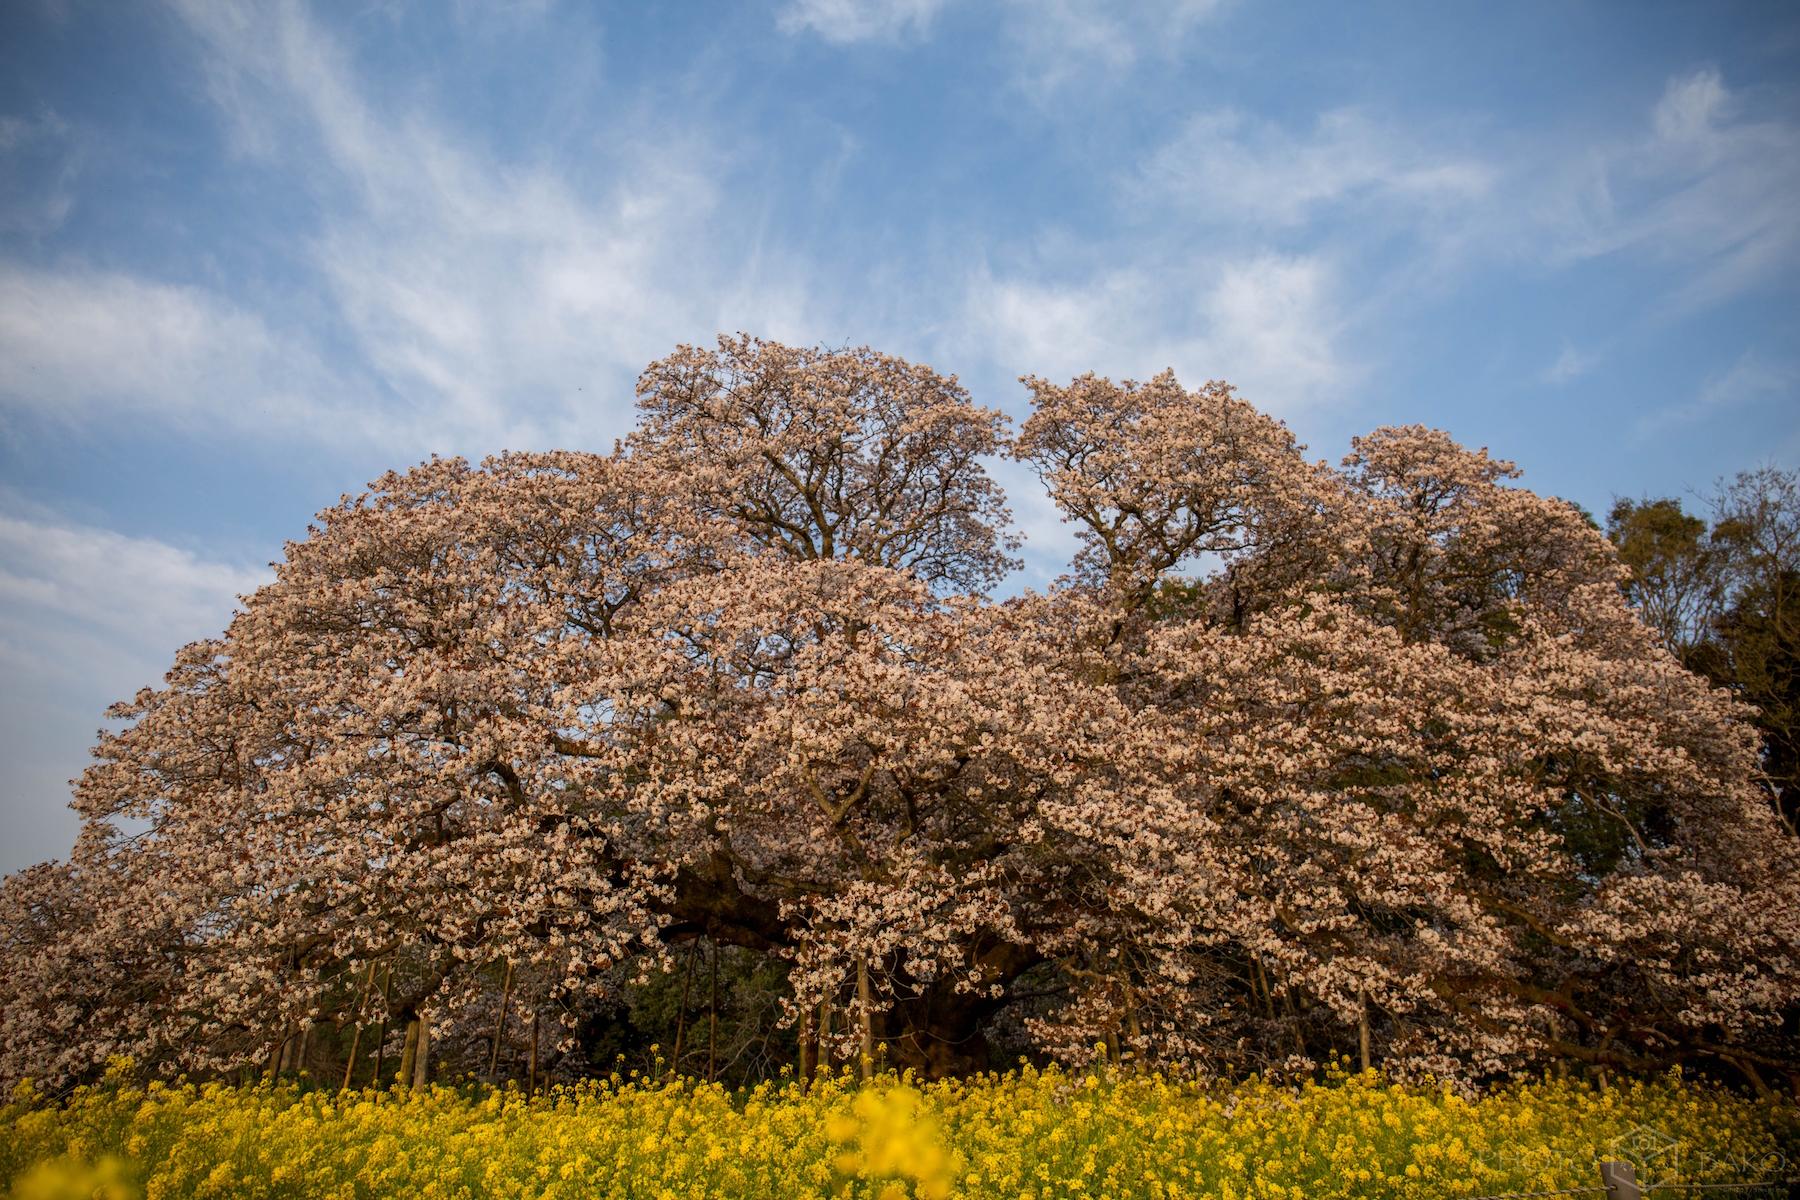 【千葉県撮影スポット】2017年の桜納めに吉高の大桜に行ってきた【千葉県印西市】